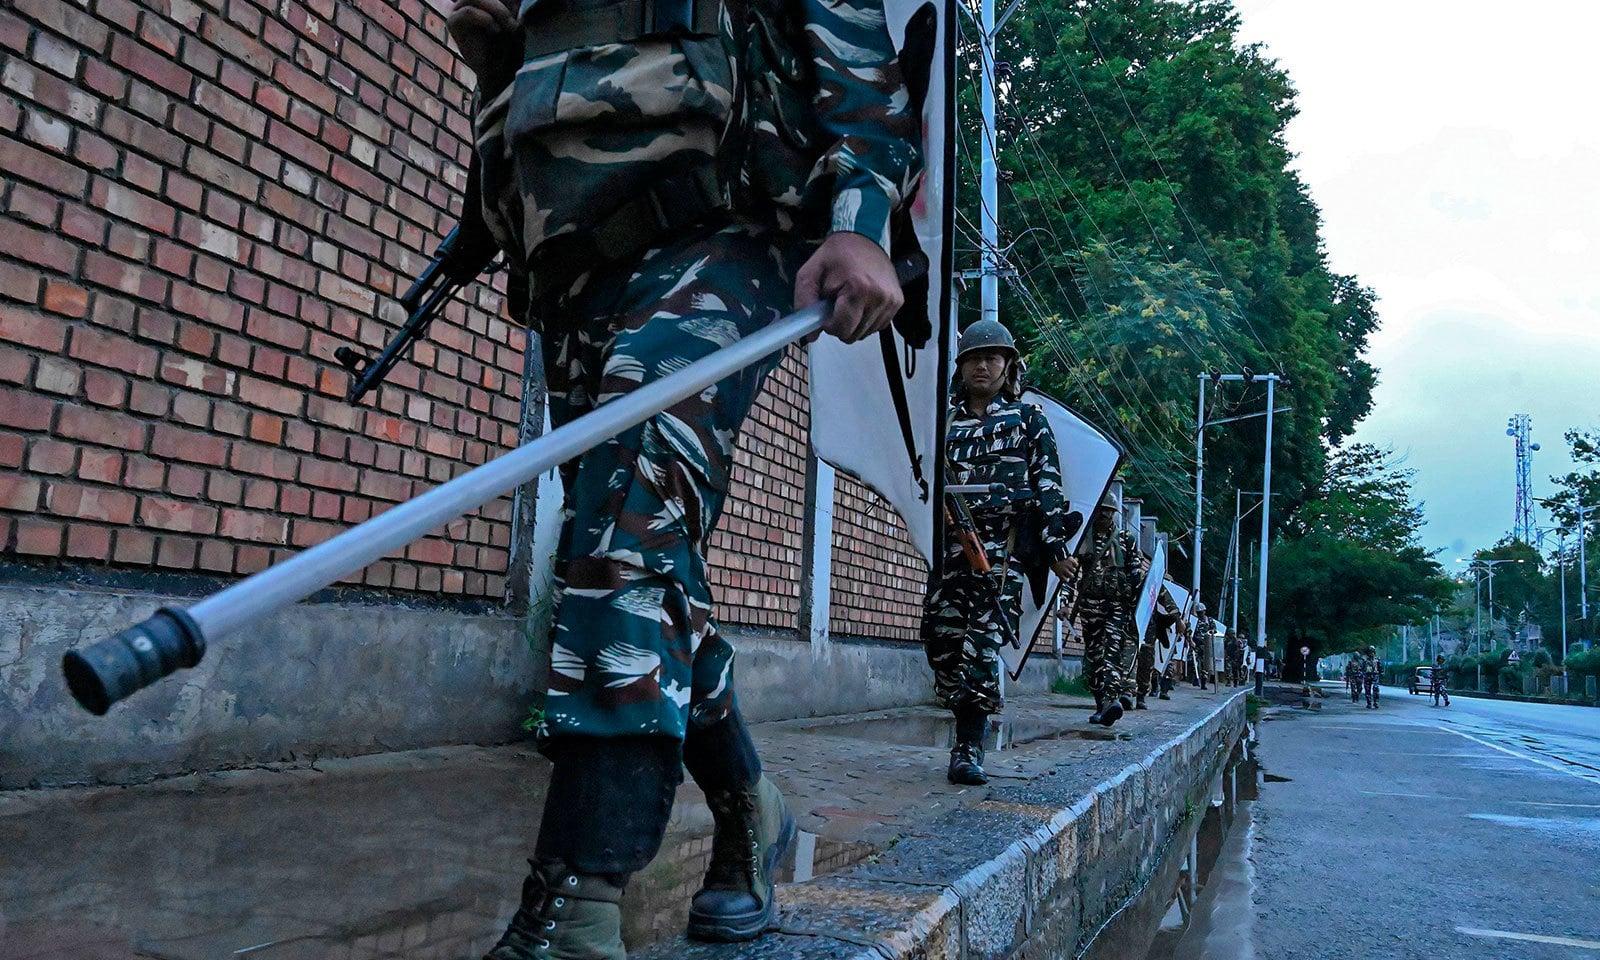 آرٹیکل 370 کی منسوخی سے قبل ہی مقبوضہ کشمیر میں اضافی فوج تعینات کی گئی تھی — فوٹو:اے ایف پی